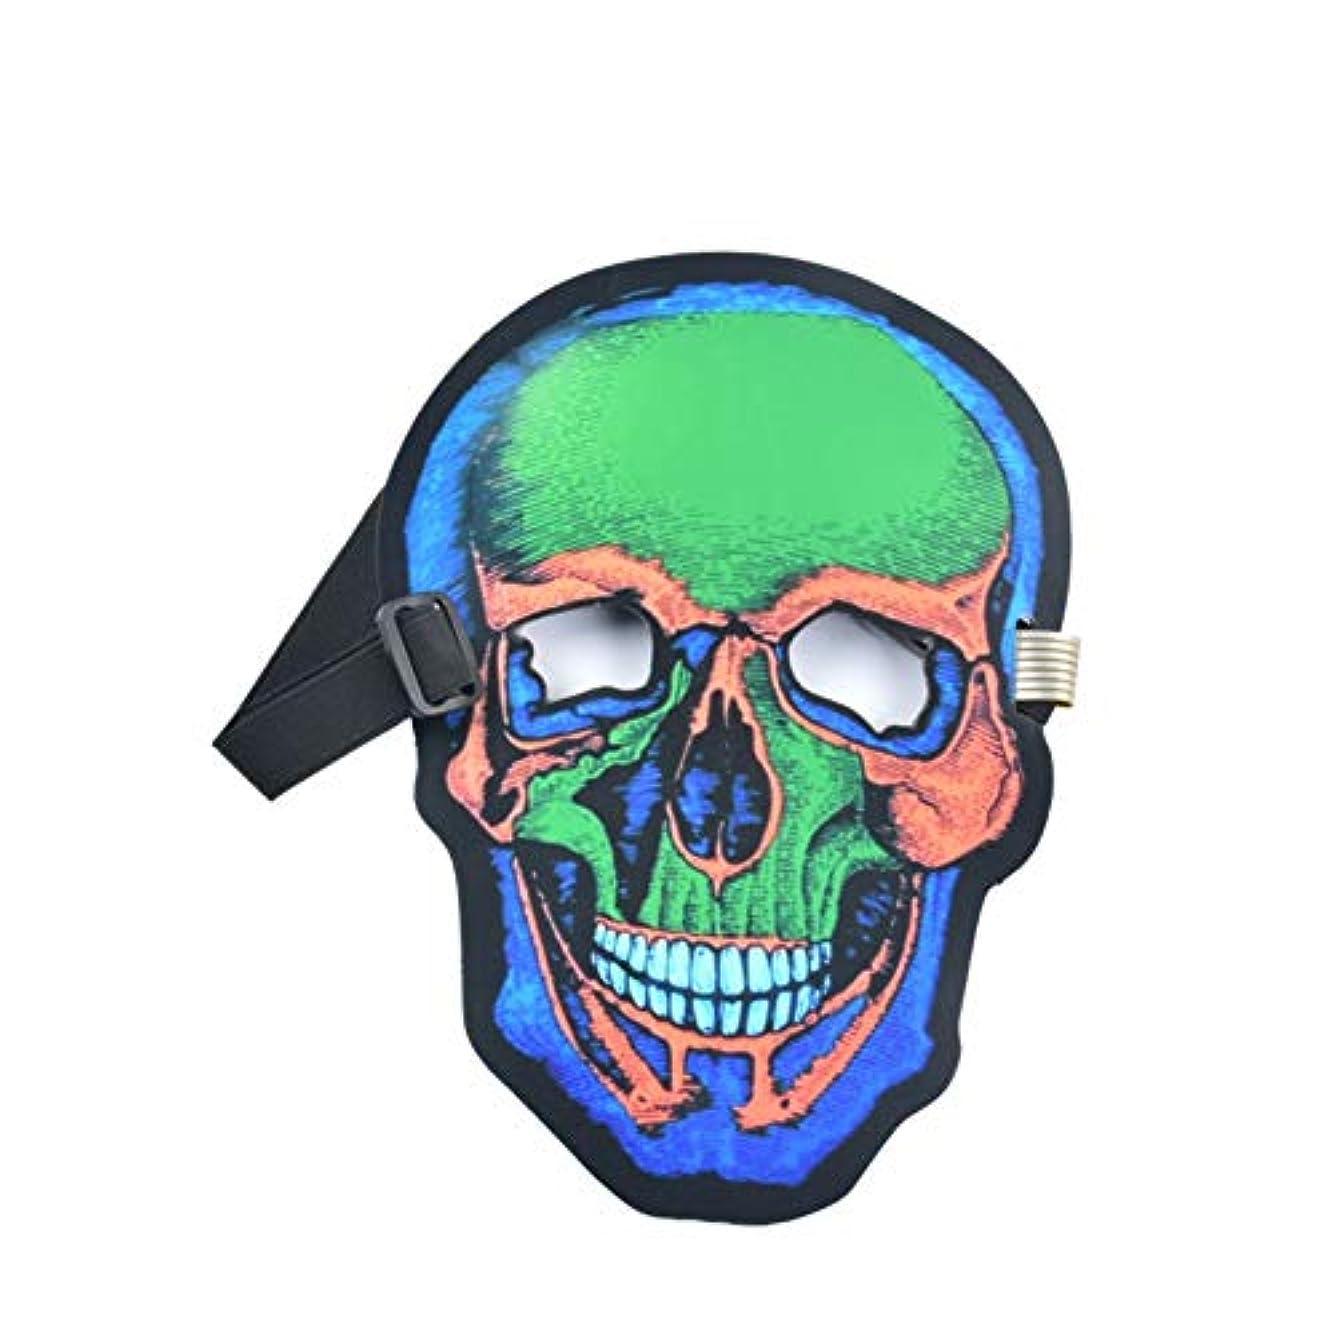 嘆願心理的祈るEsolom ハロウィンドレスアップ どくろ頭 音声制御マスク 音作動LED照明マスク ウサギのデザイン ハロウィンマスク DJミュージックマスク